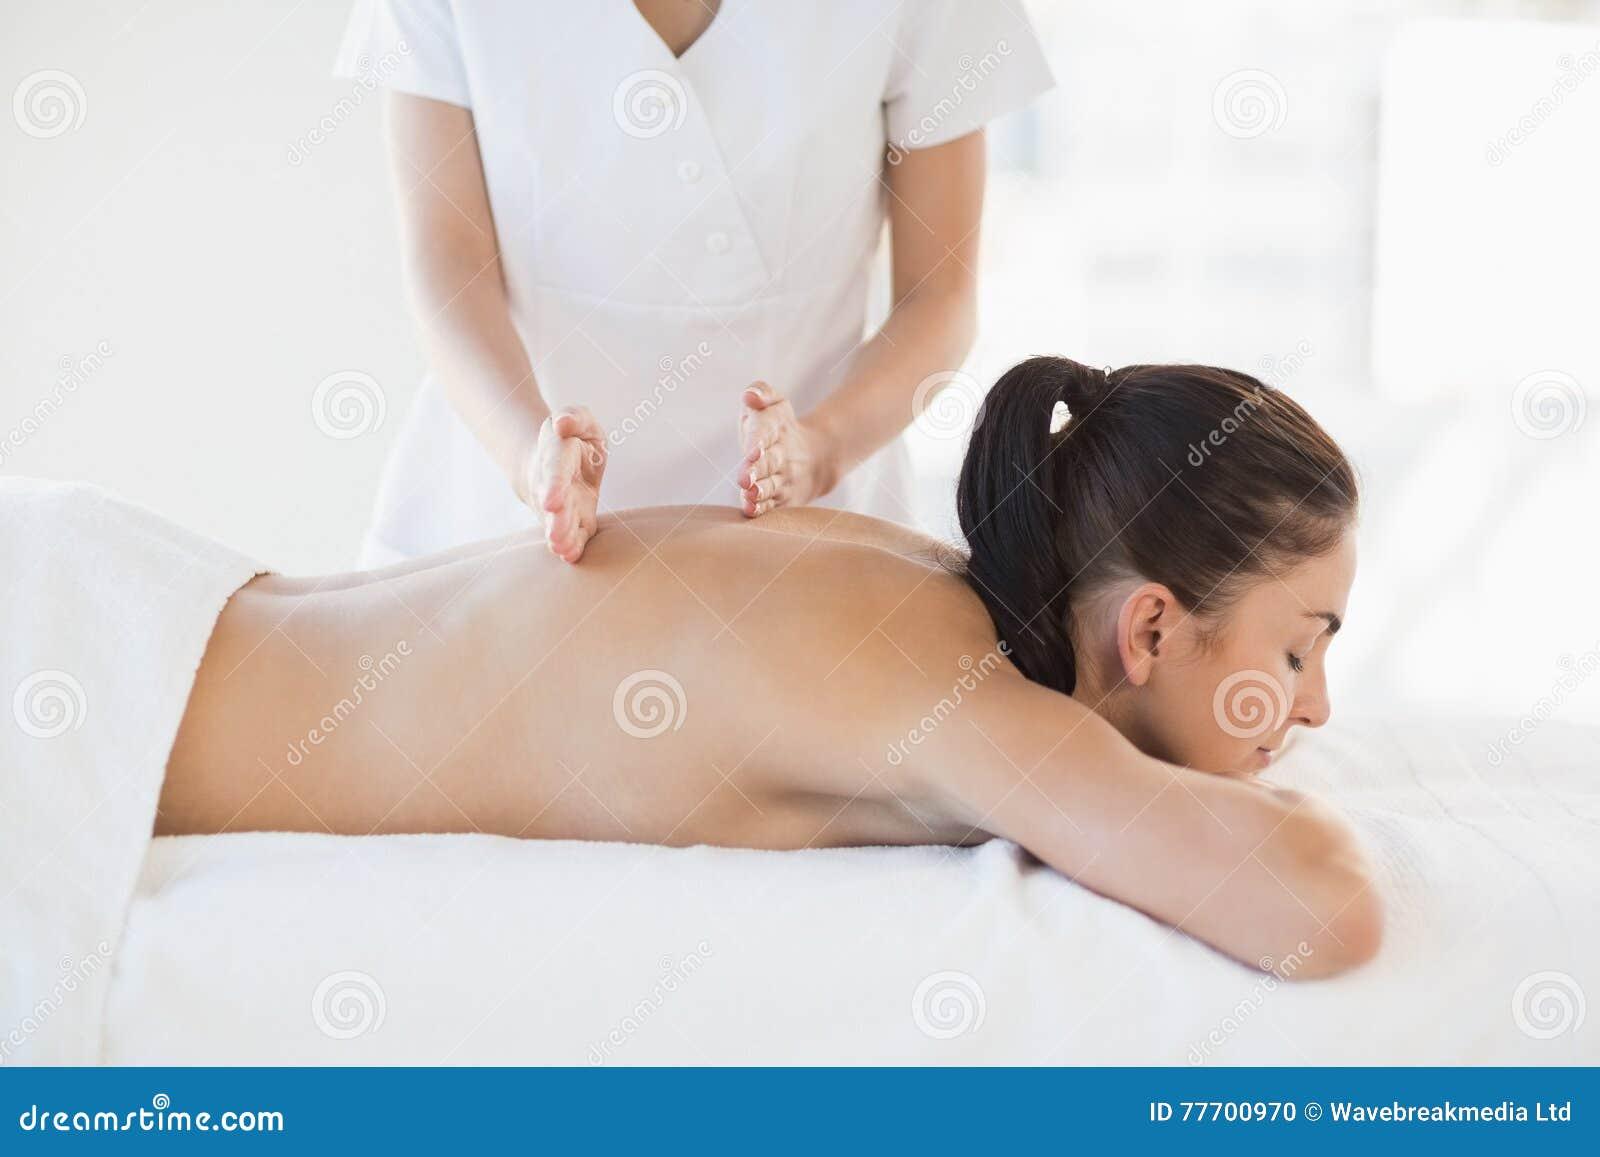 naked massage women